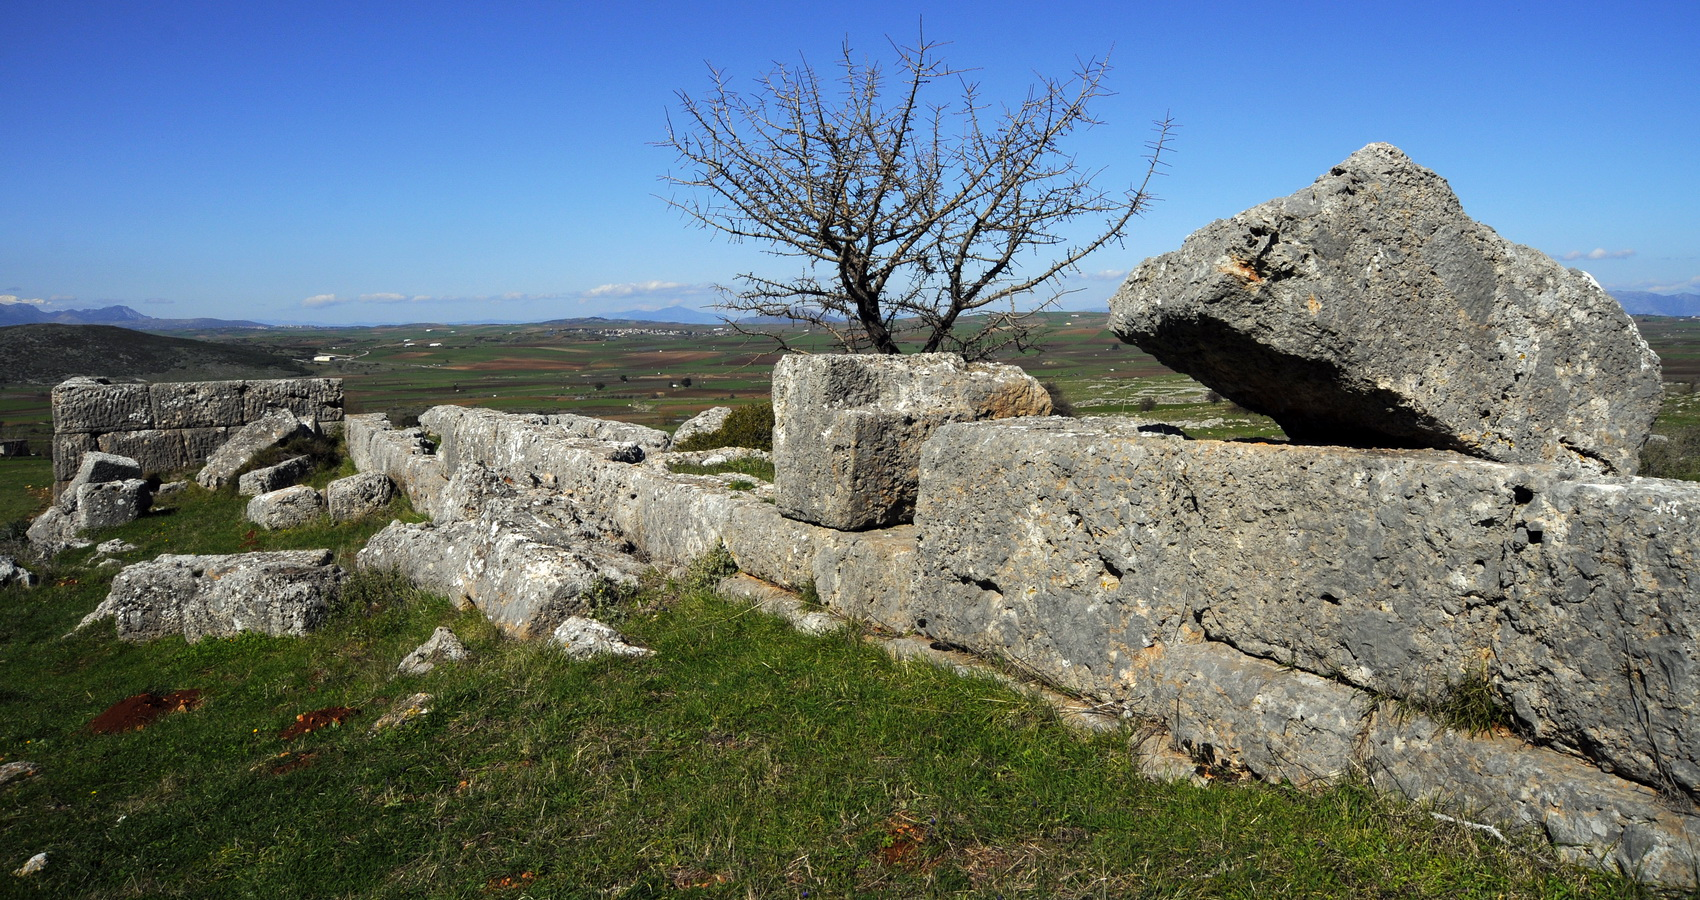 PLATAEAE FIELDS